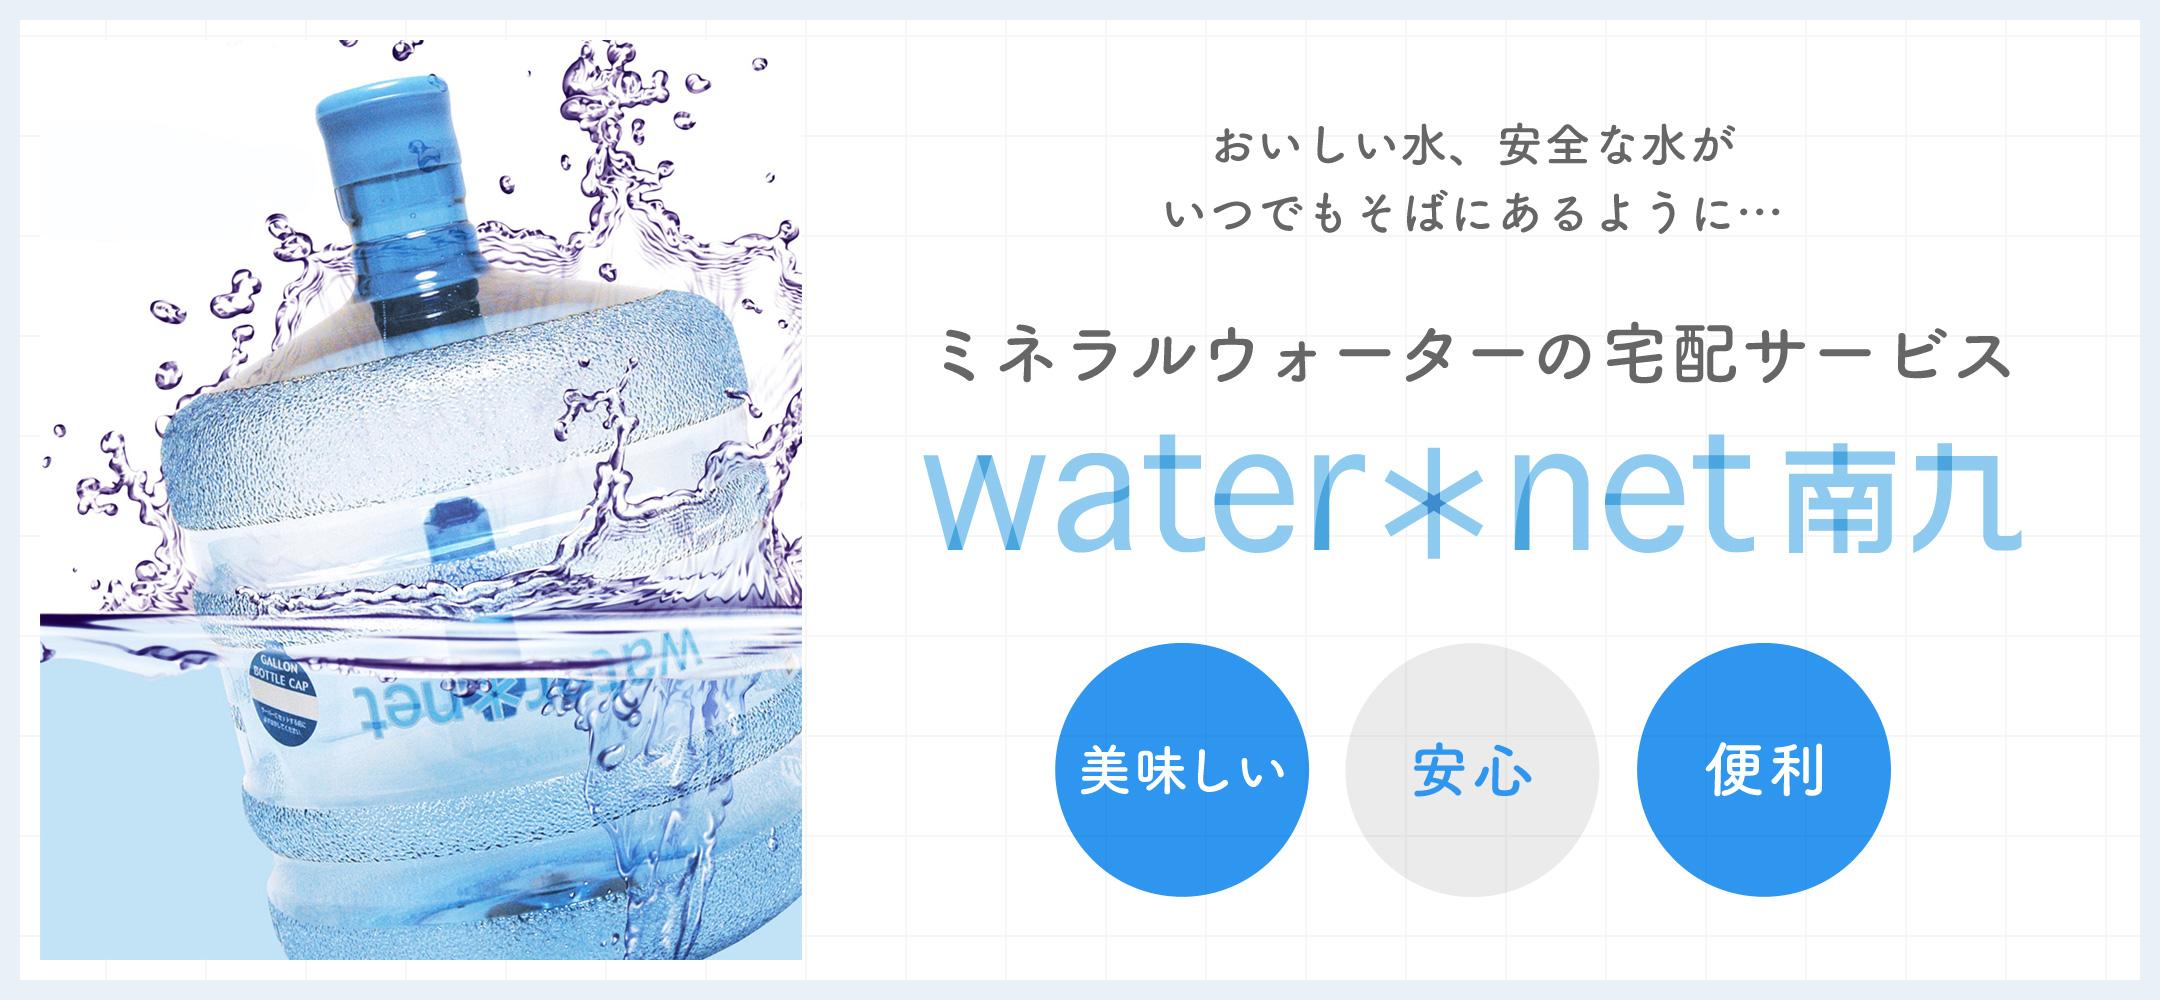 ミネラルウォーターの宅配サービス waternet南九